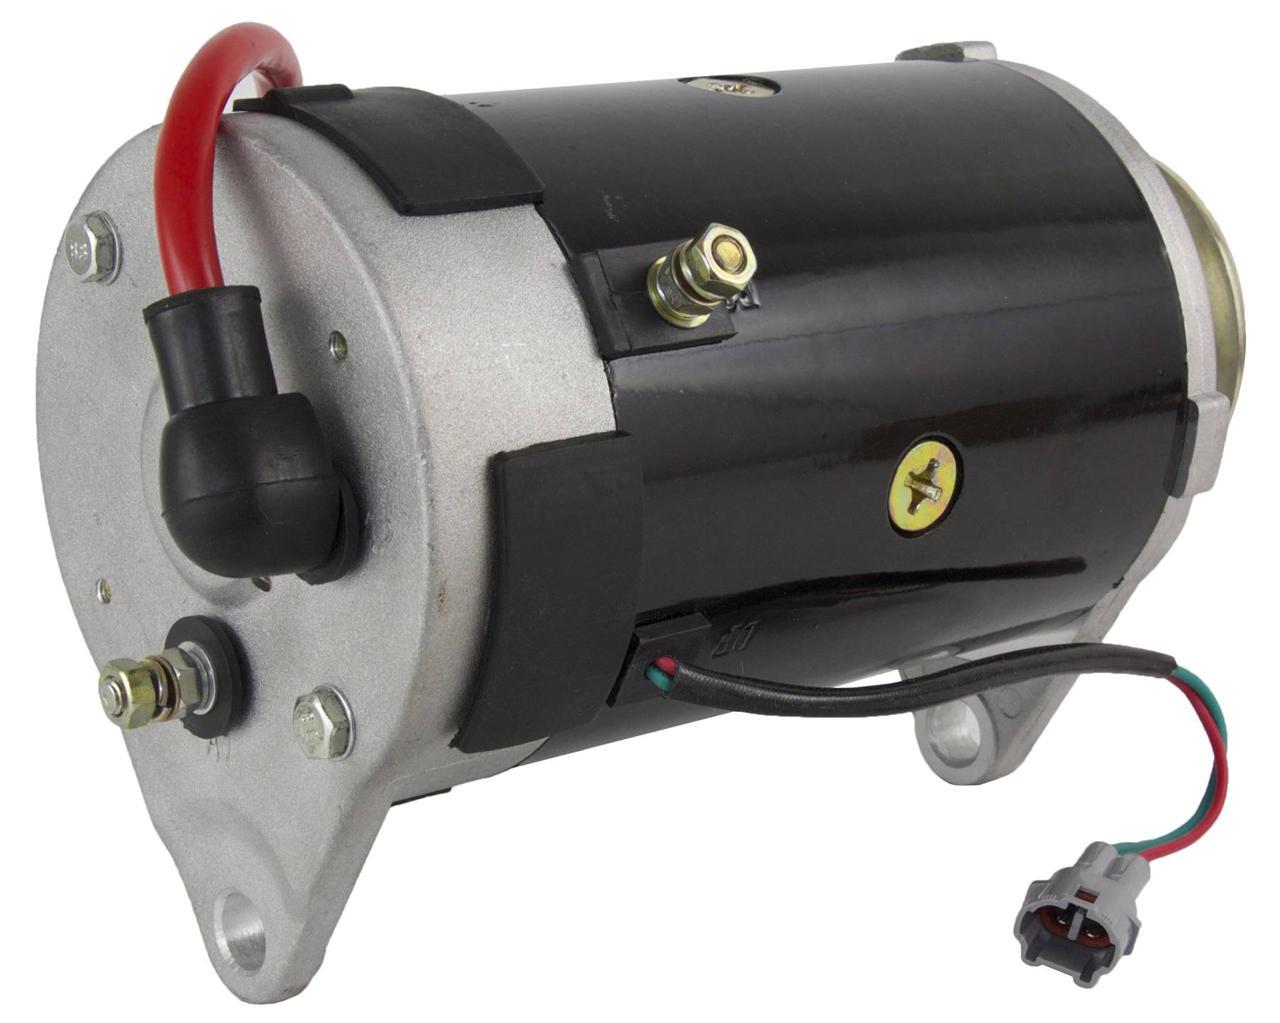 yamaha g16 golf cart solenoid wiring diagram starter generator yamaha golf cart g16-g22 jn6-h1100-00-00 ... yamaha g16 starter wiring